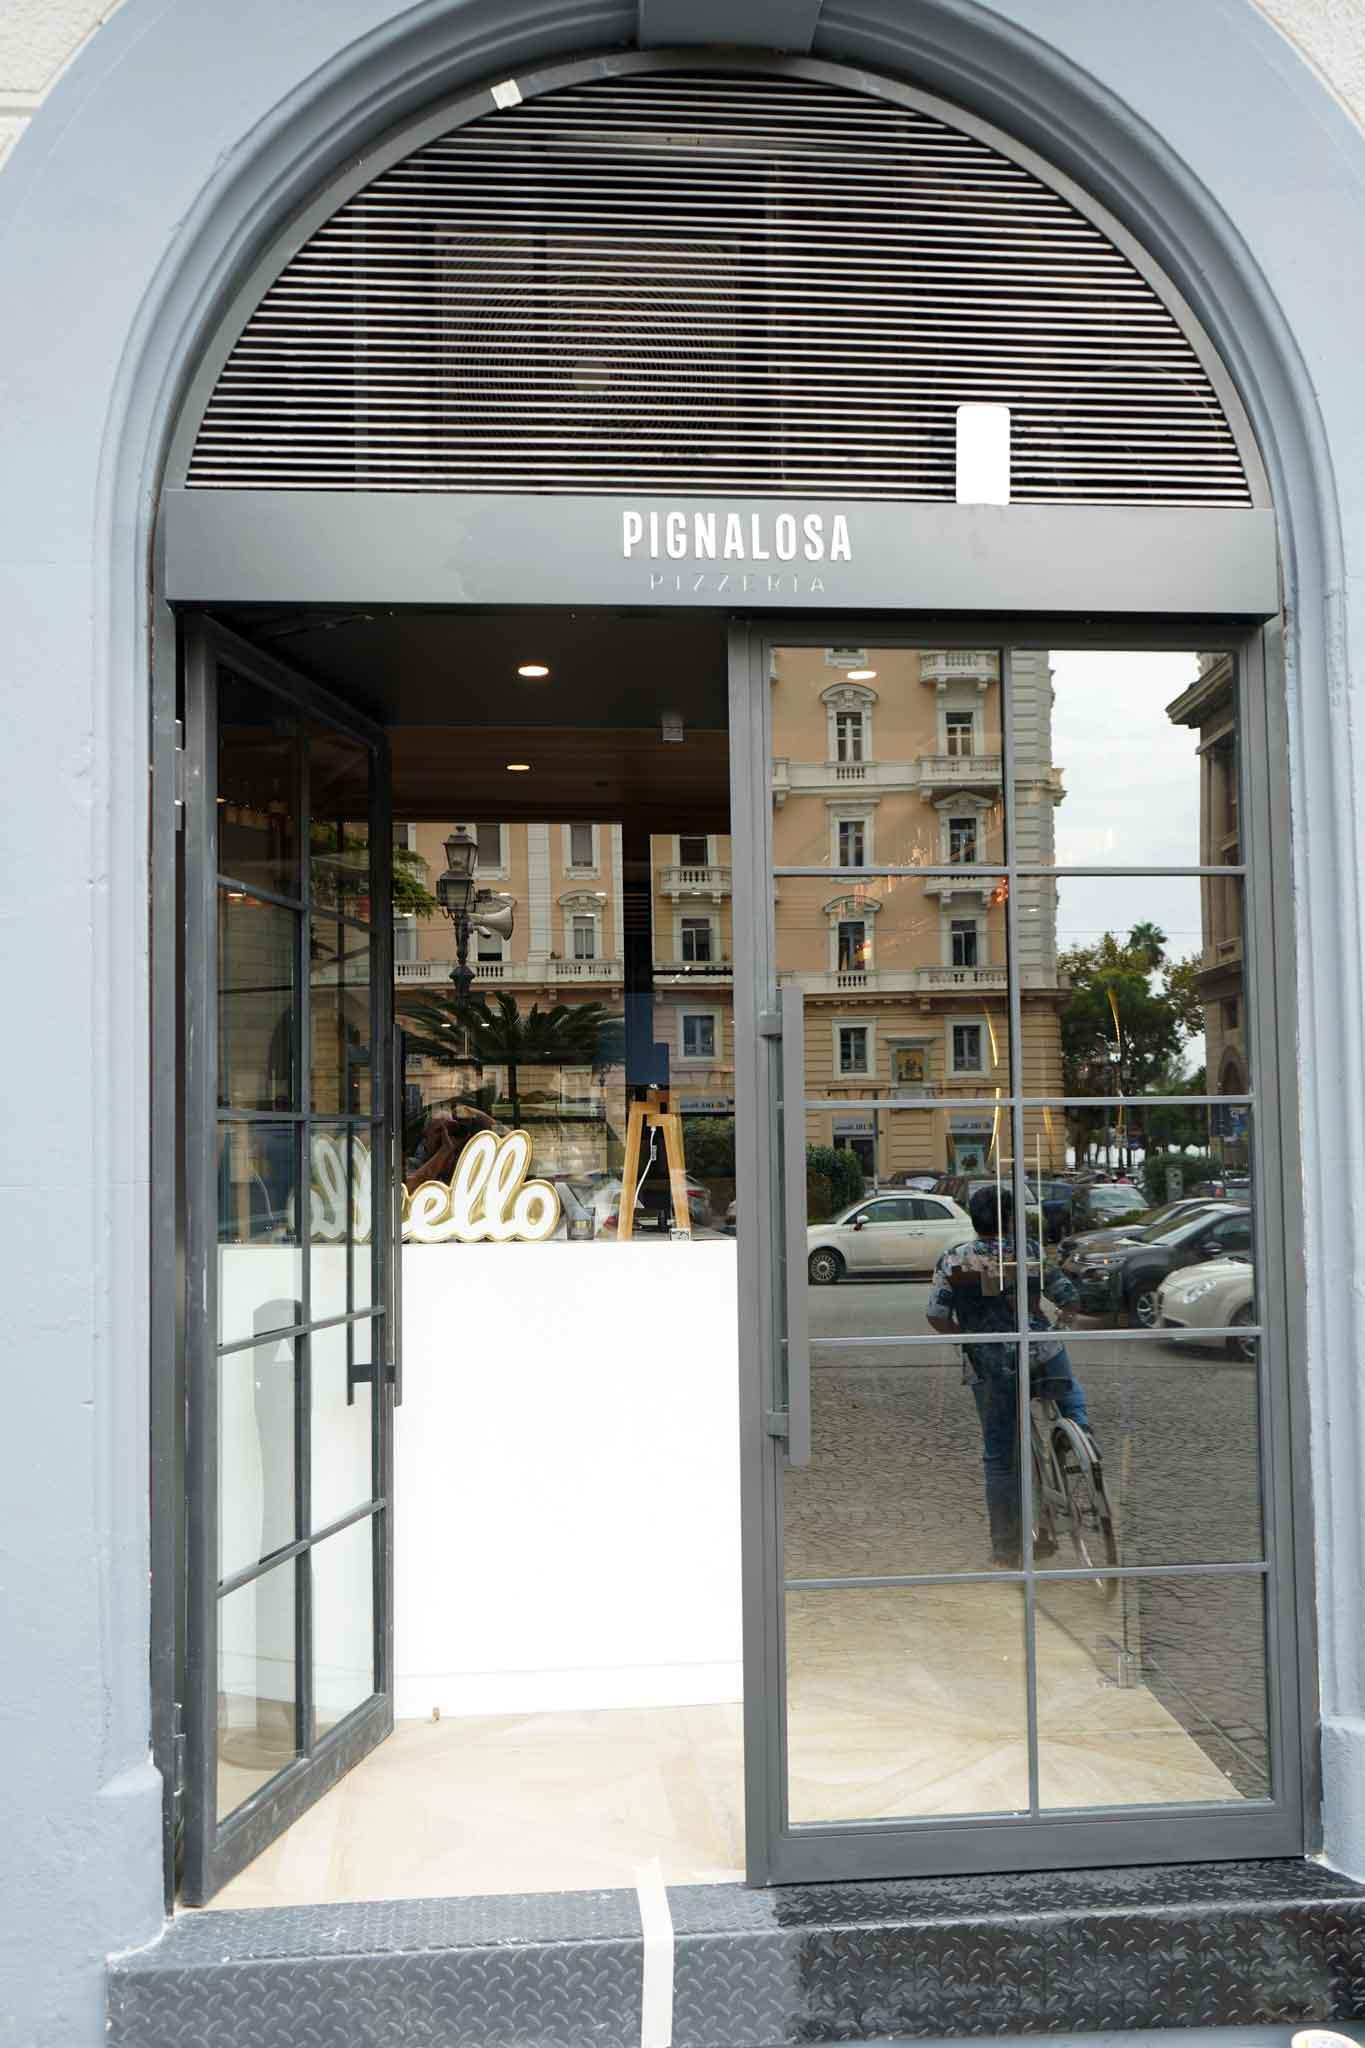 Pignalosa-Salerno-pizzeria-ingresso